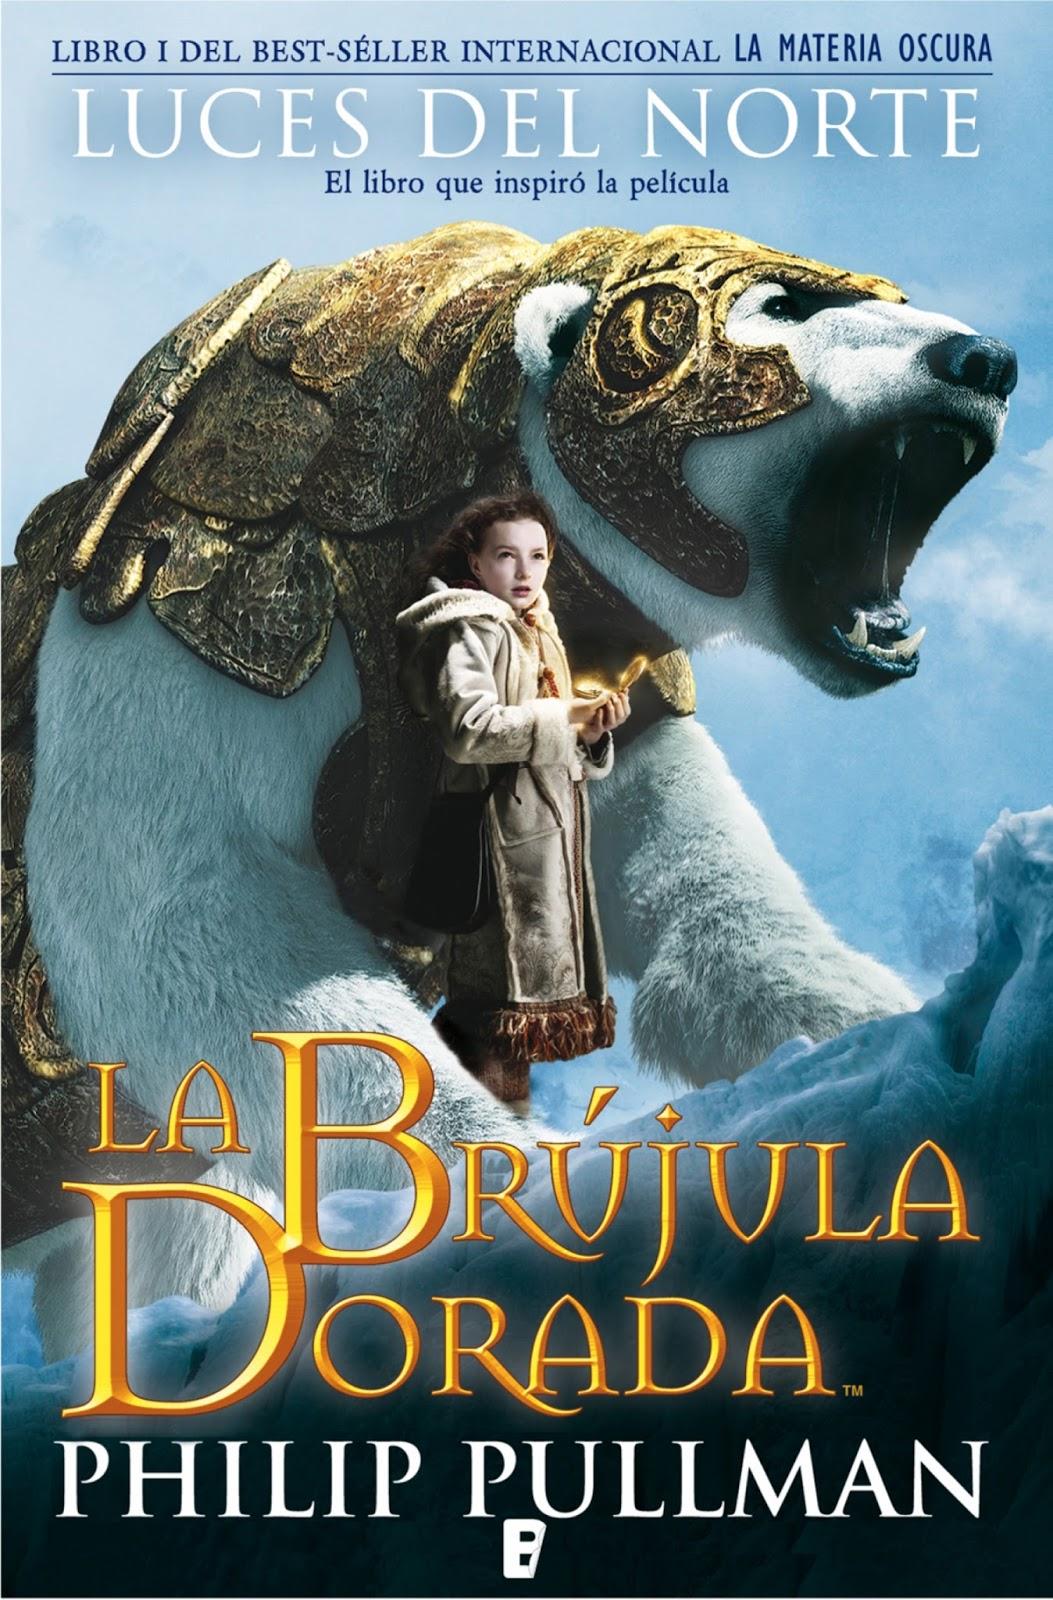 Trilogia La Brujula Dorada Libros Pdf Free ((HOT)) la-brujula-dorada-luces-del-norte-la-materia-oscura-i-ebook-9788466645638